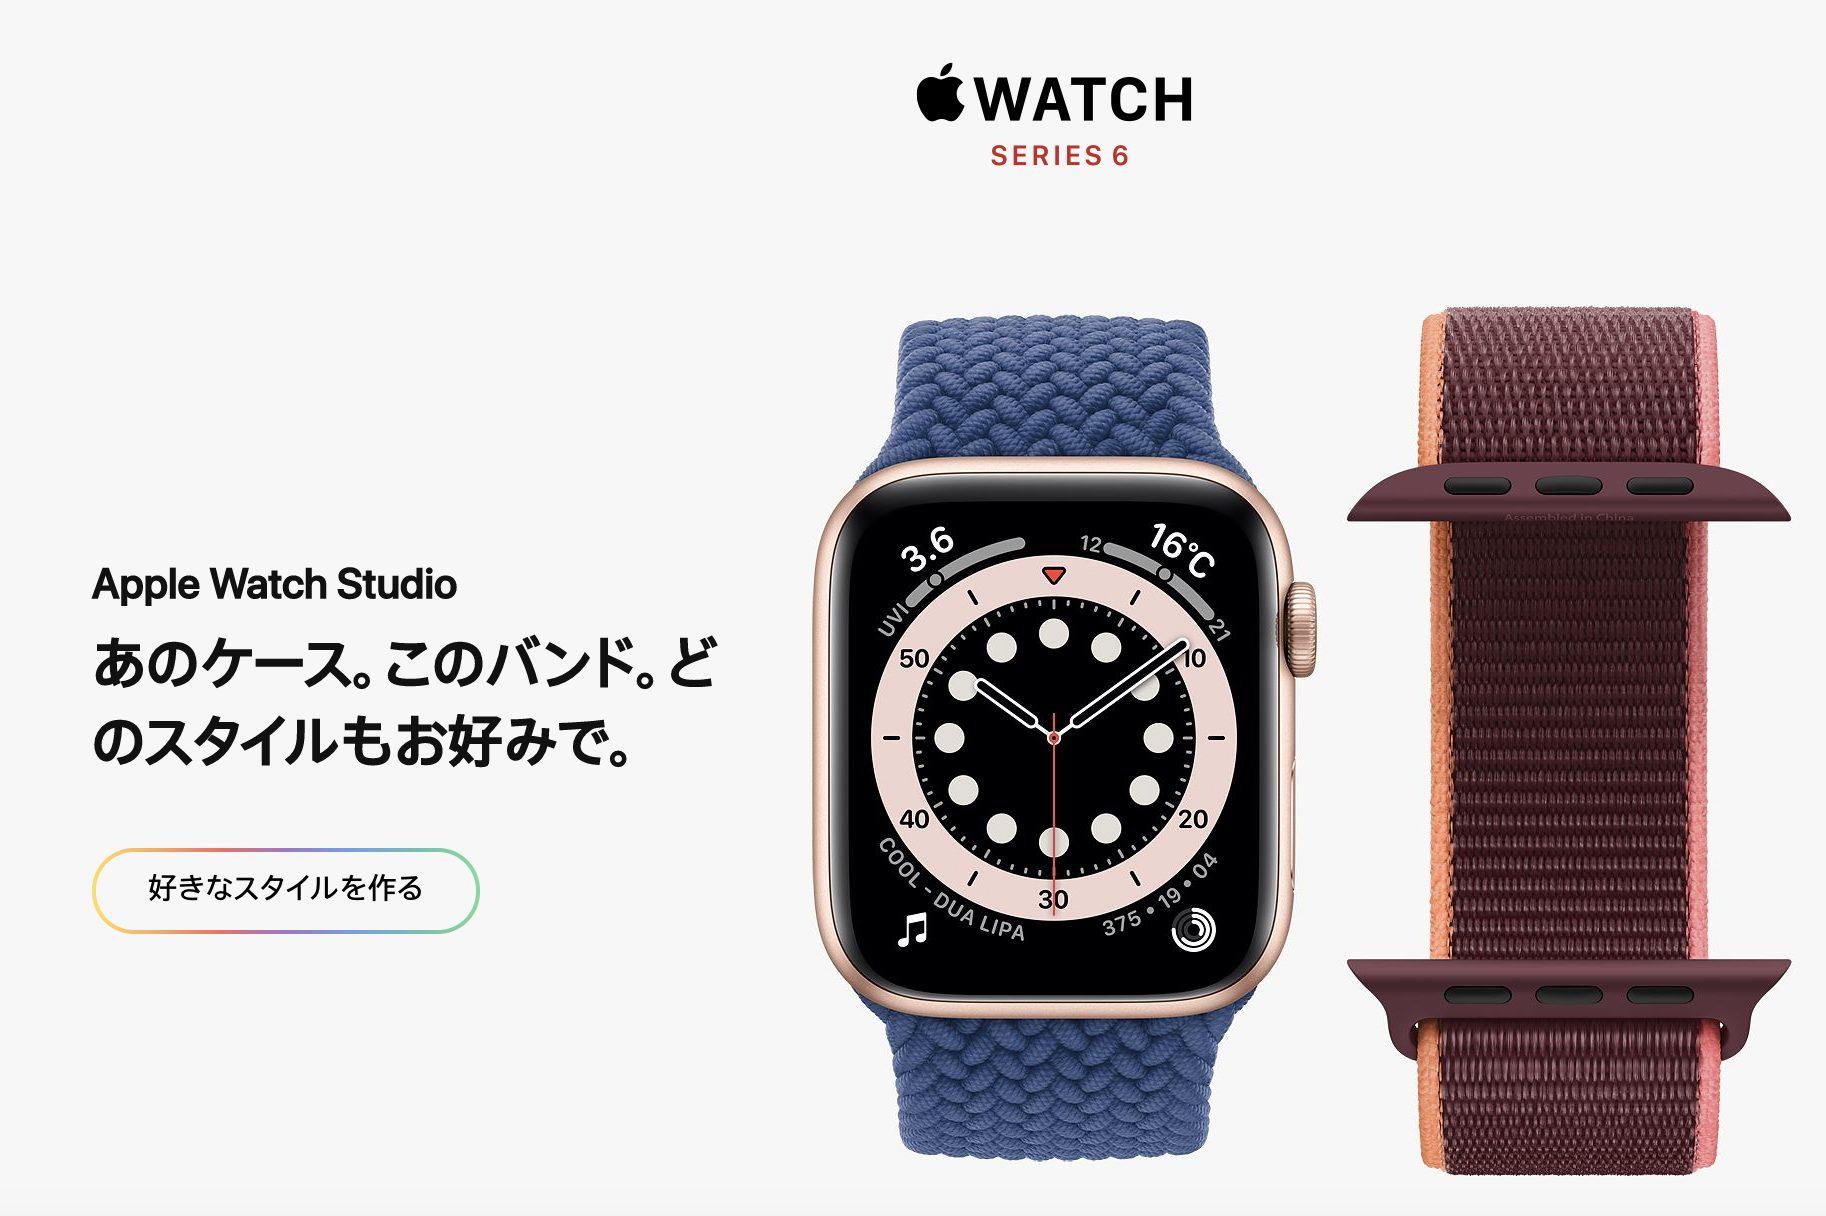 Apple Watch Series 6 デザインのイメージ